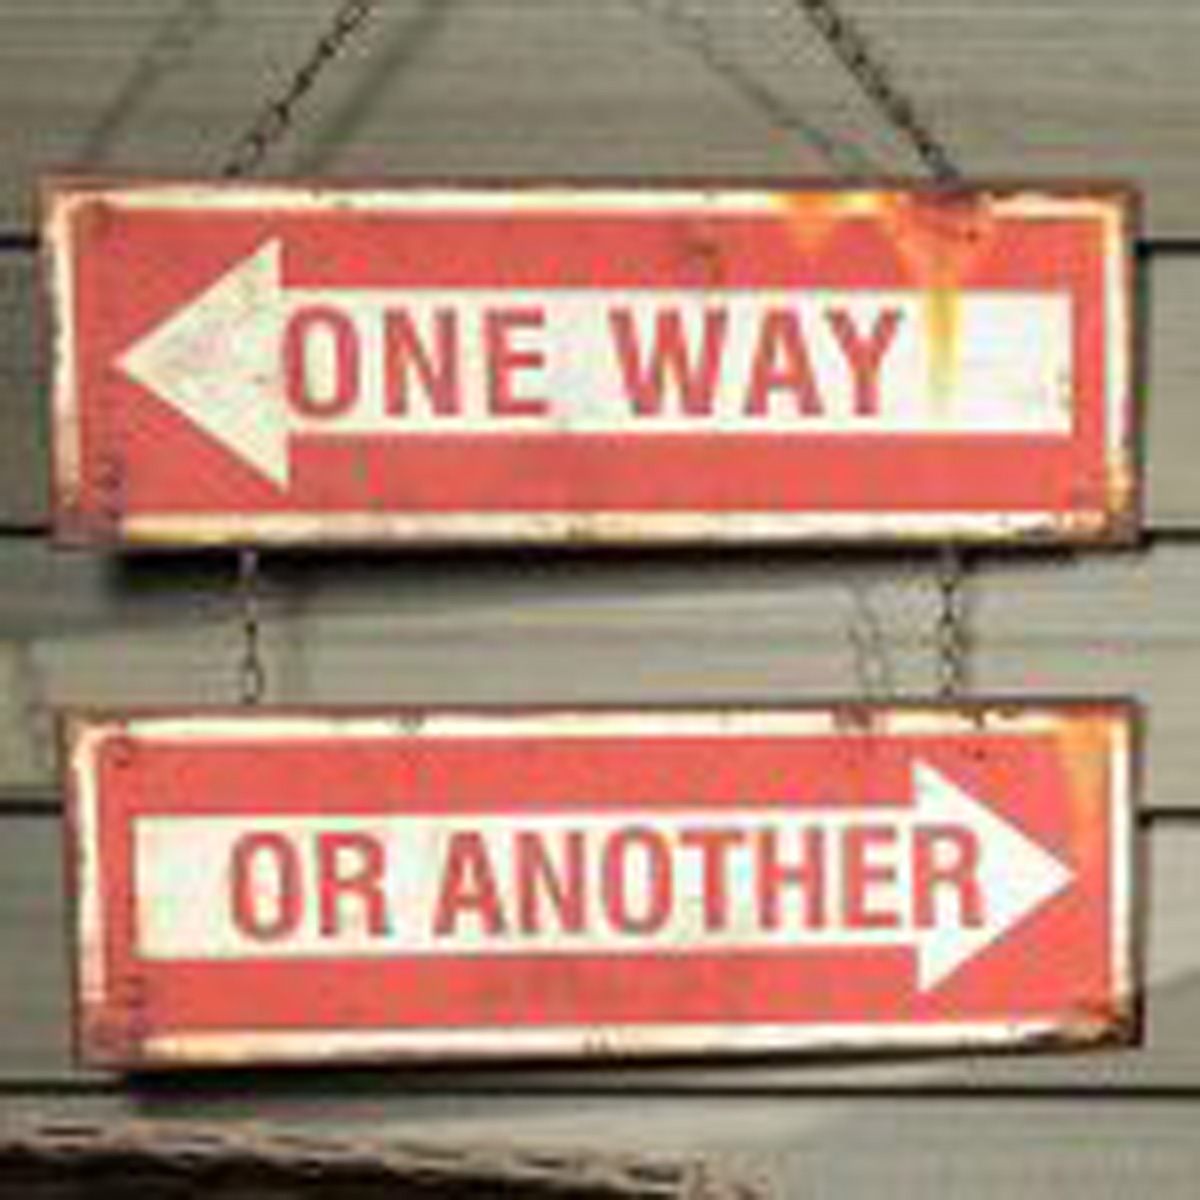 cartello stradale che indica una strada o l'altra